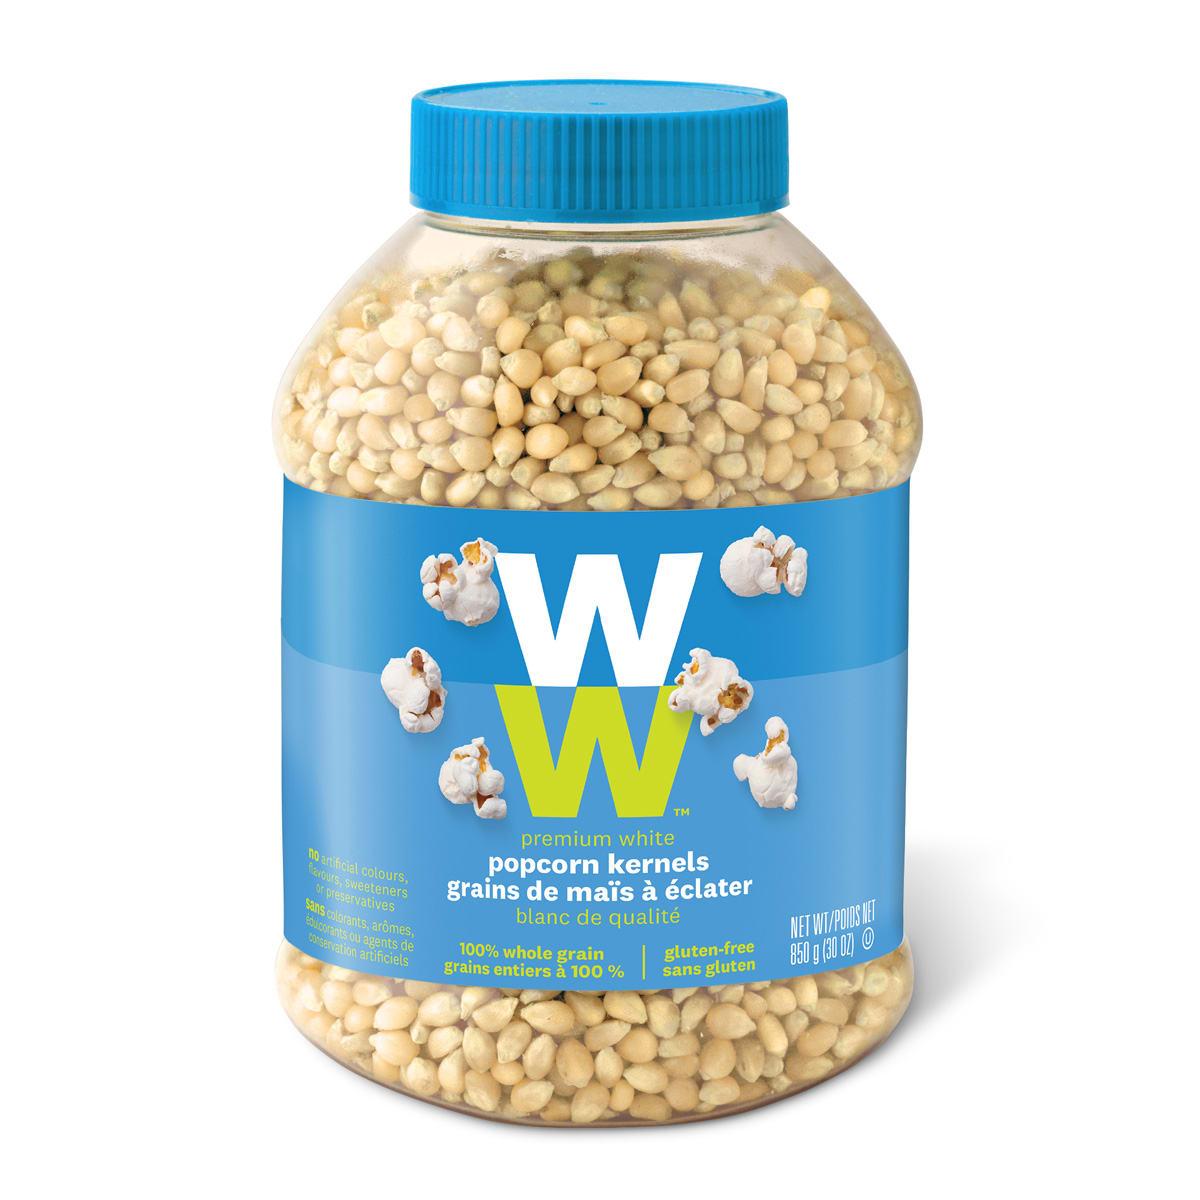 Premium white popcorn kernels